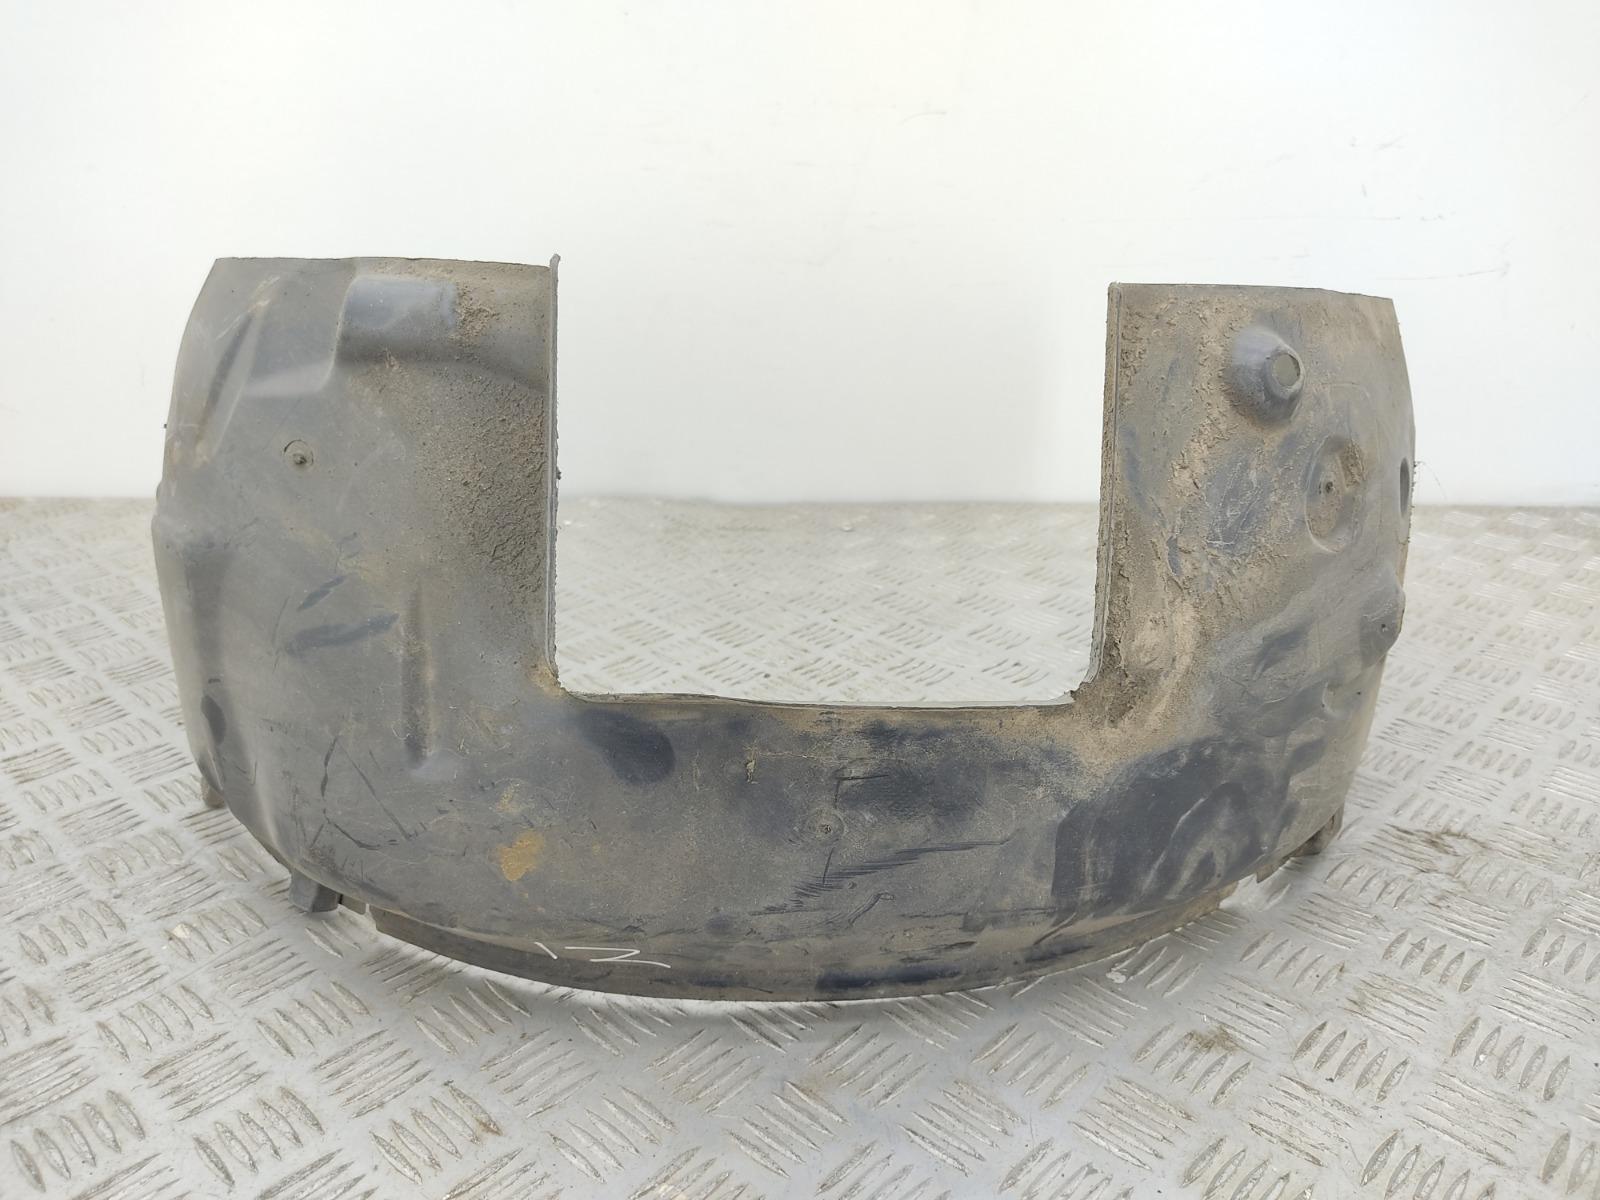 Защита арок передняя правая (подкрылок) Opel Meriva 1.7 CDTI 2010 (б/у)